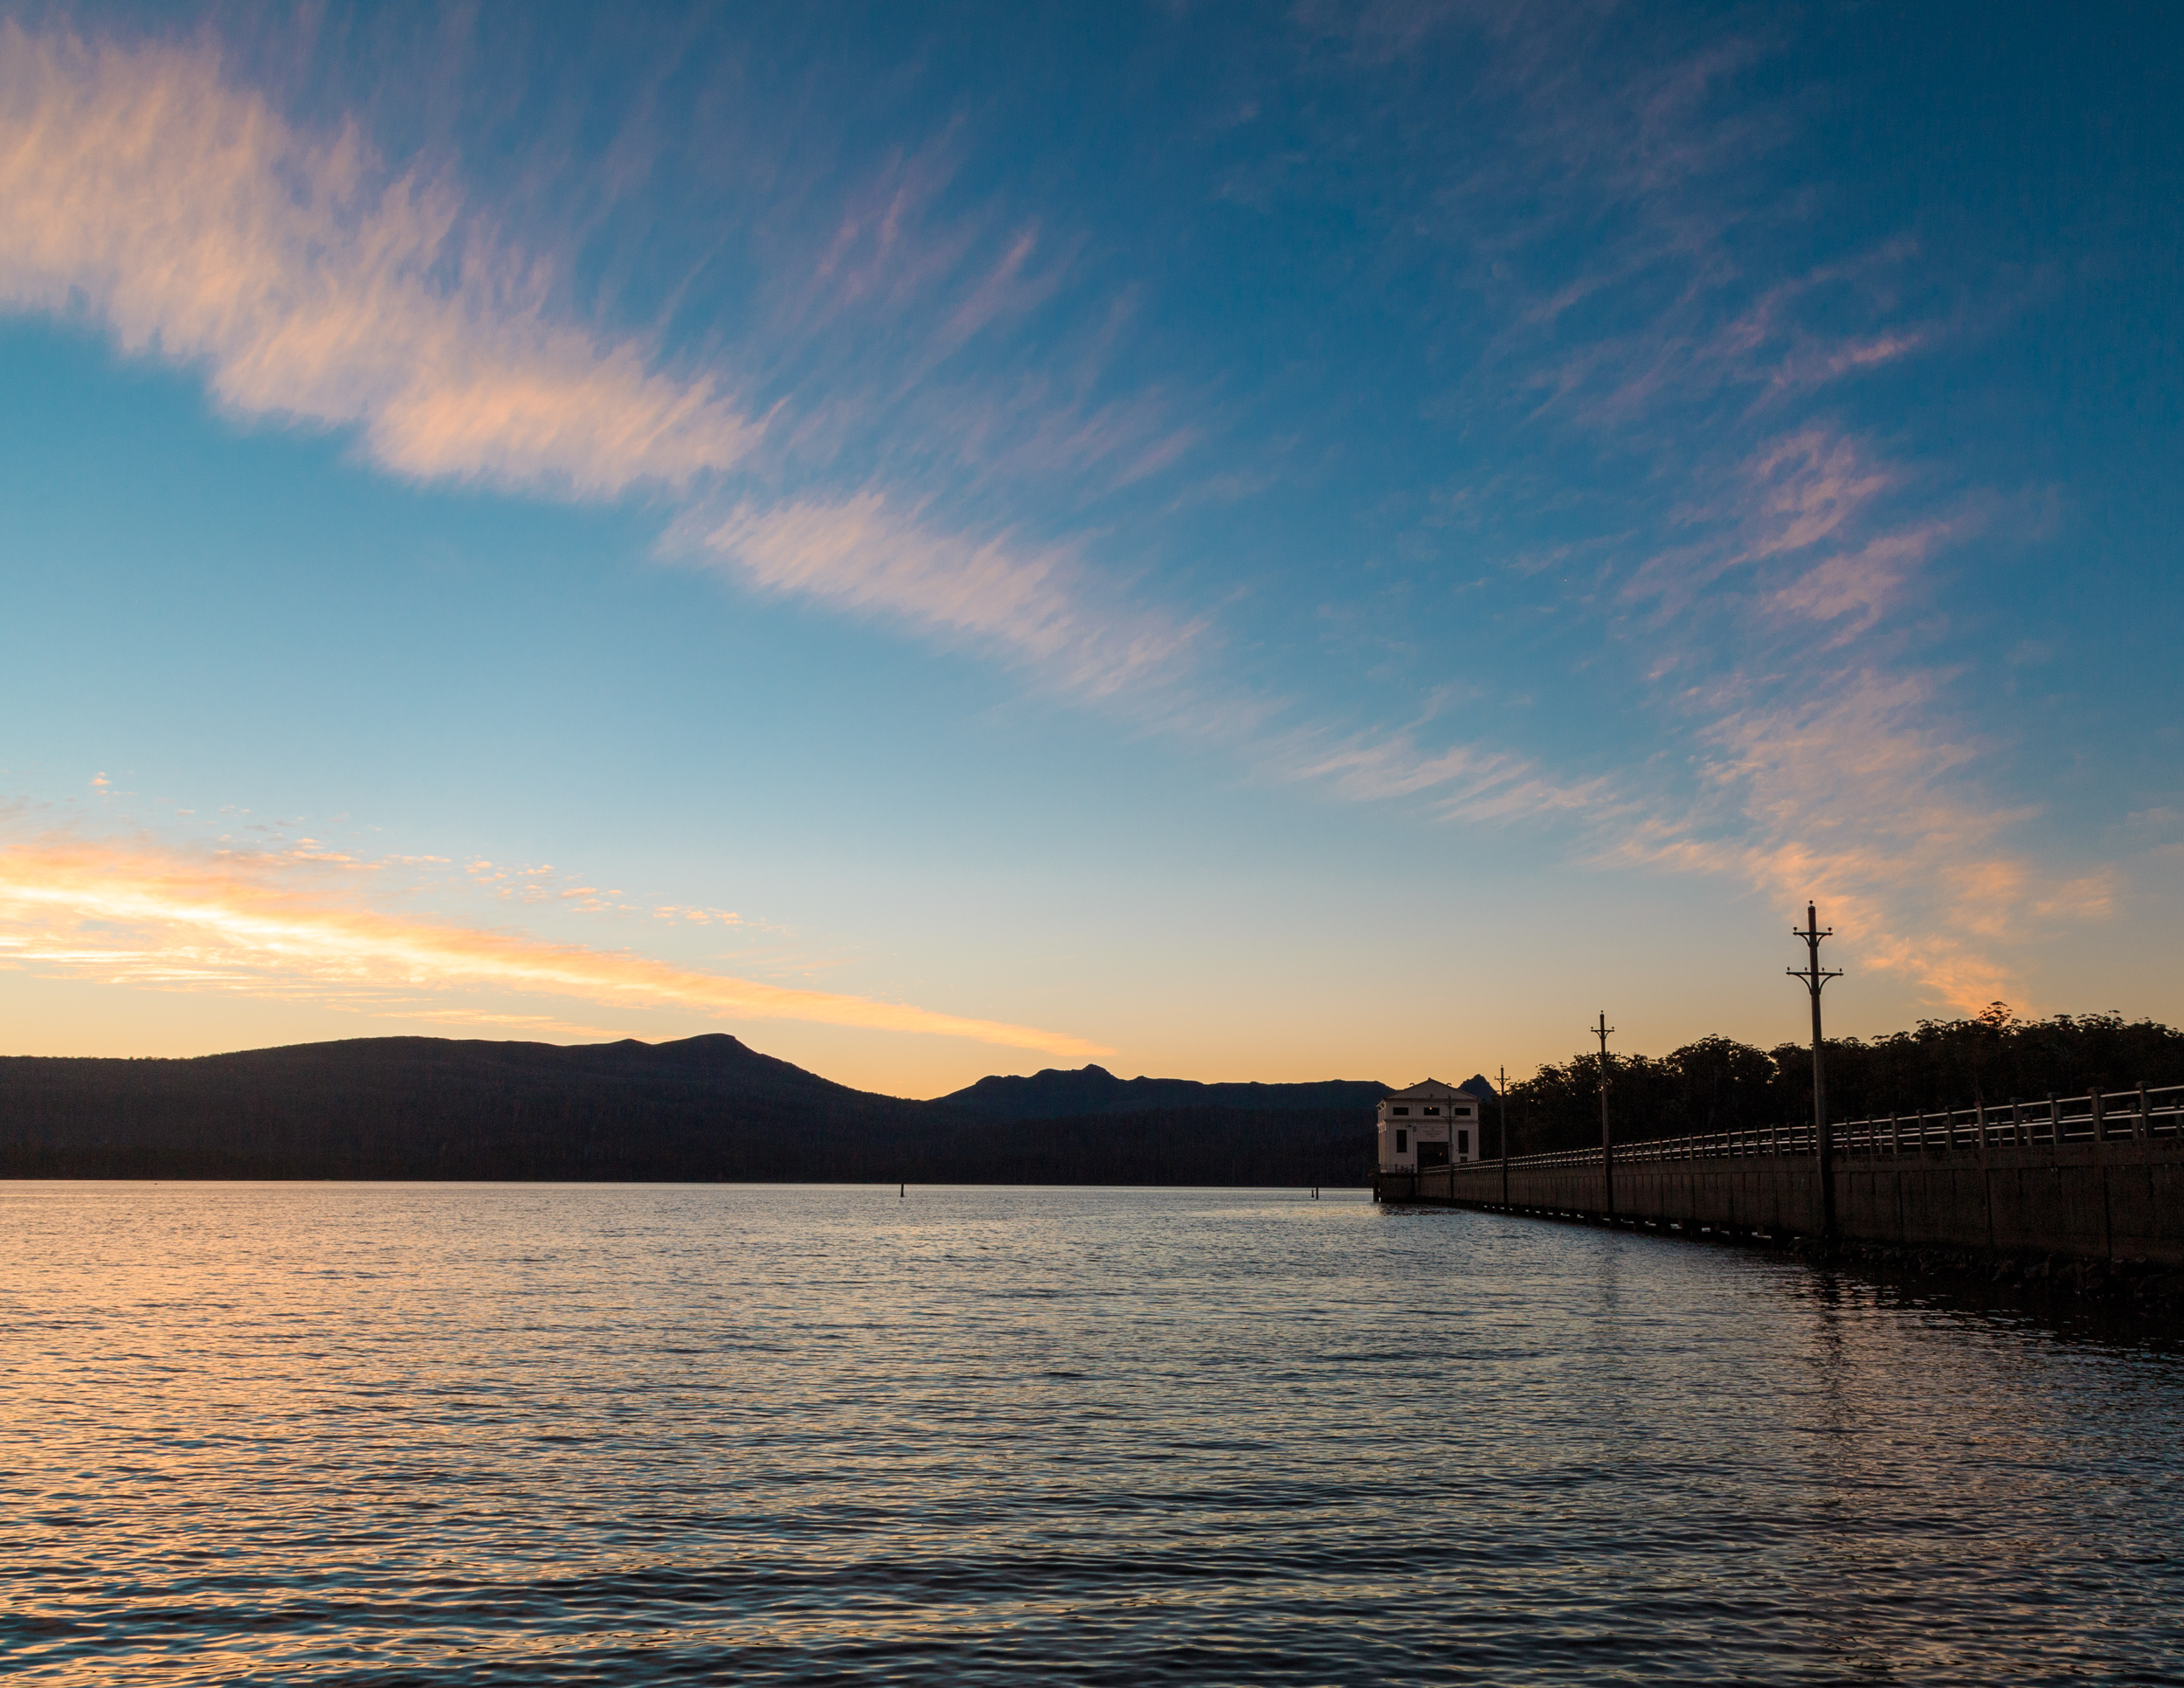 Sunset at Lake St Clair